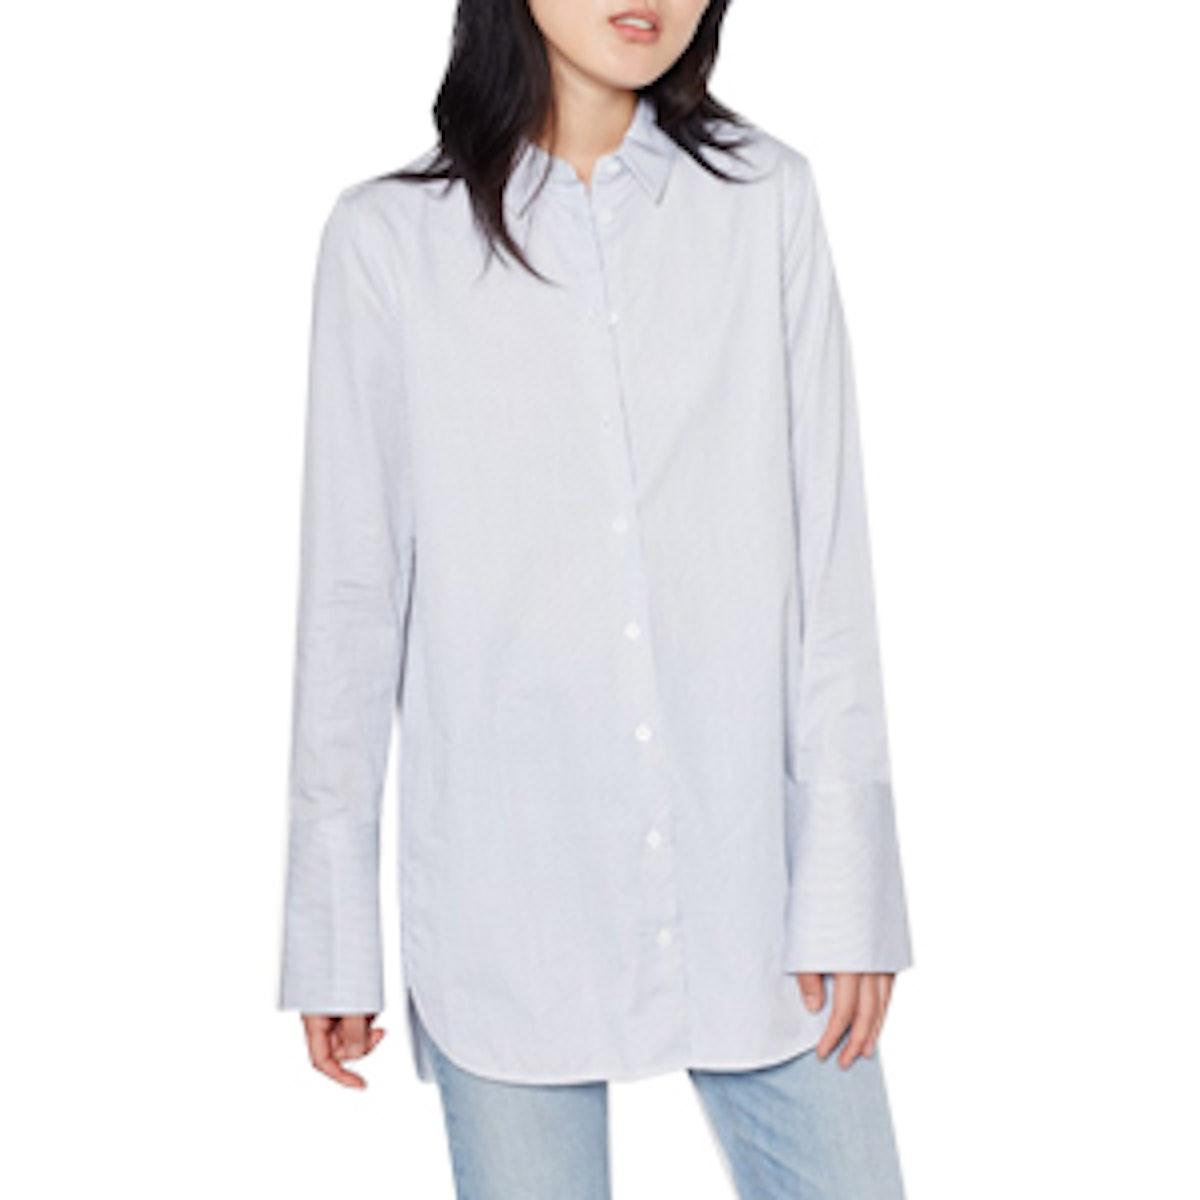 Arlette Cotton Shirt